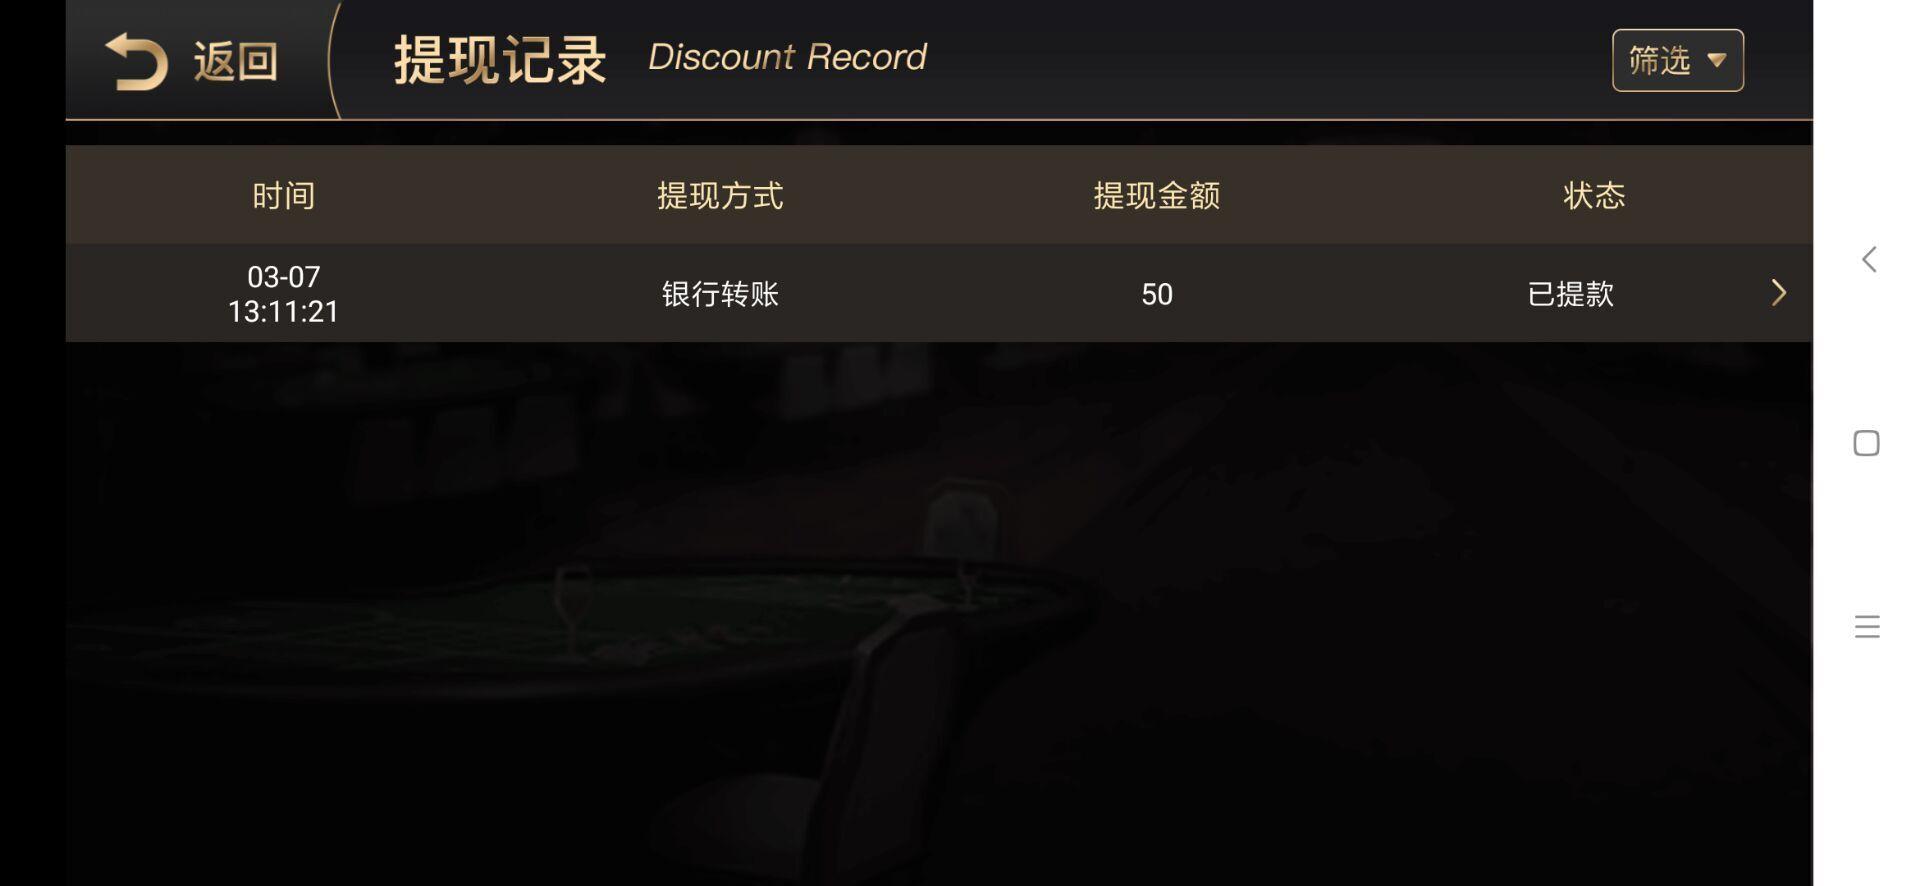 开元棋牌:新用户注册送50元可直接提现,已到账。插图3